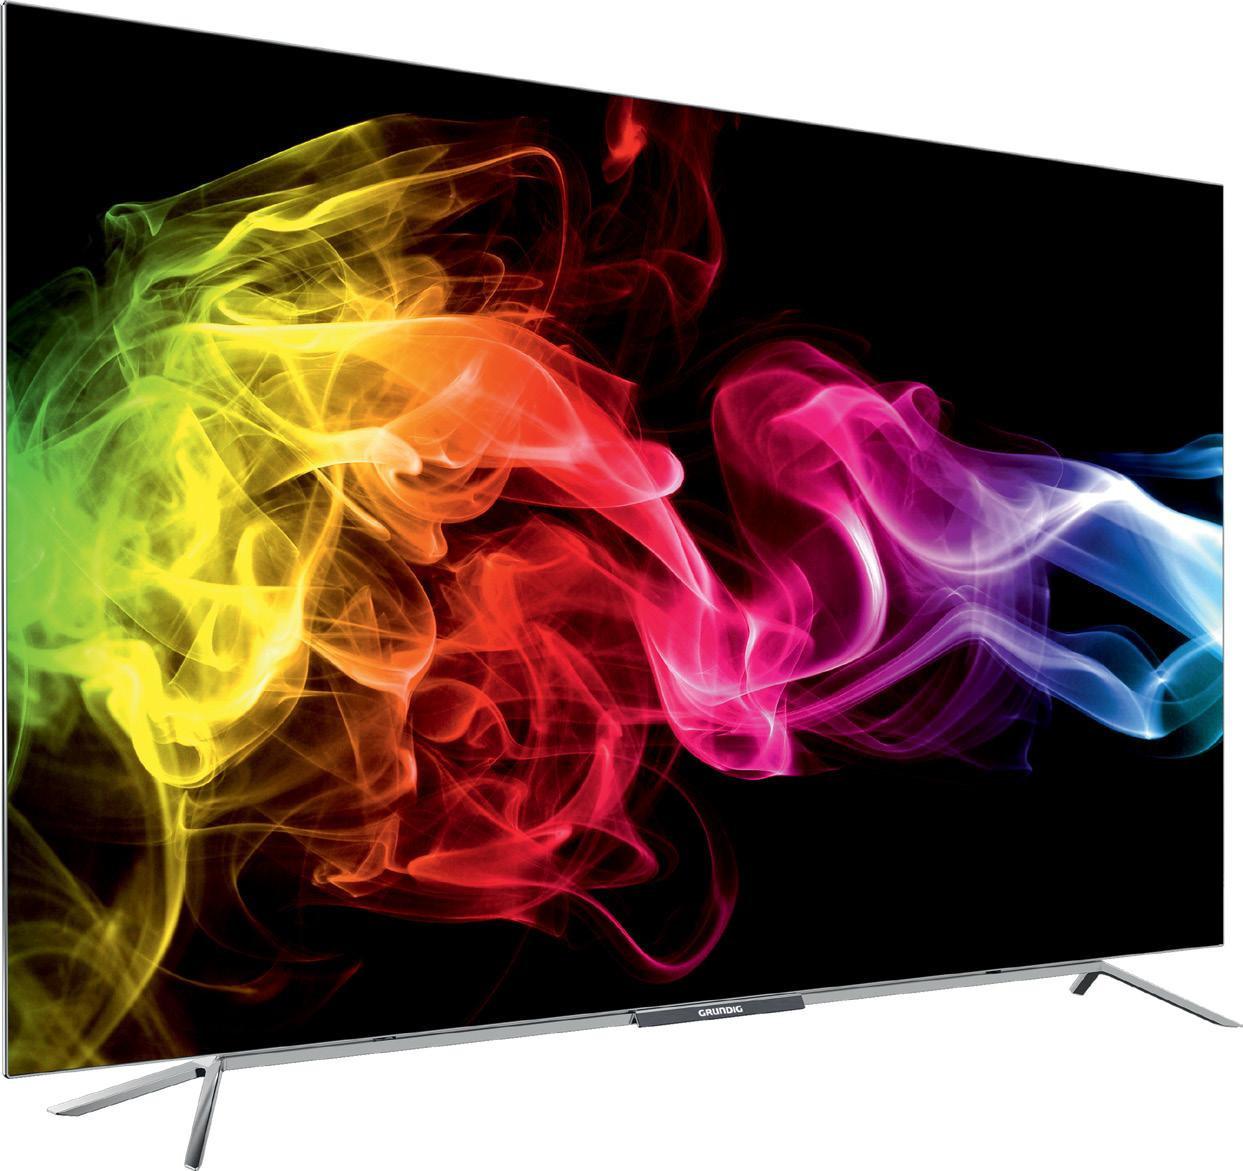 Grundig OLED 65FOC9880 163cm 65 Zoll 4K Ultra HD Fernseher Smart TV für 999,90€ inkl. Versandkosten